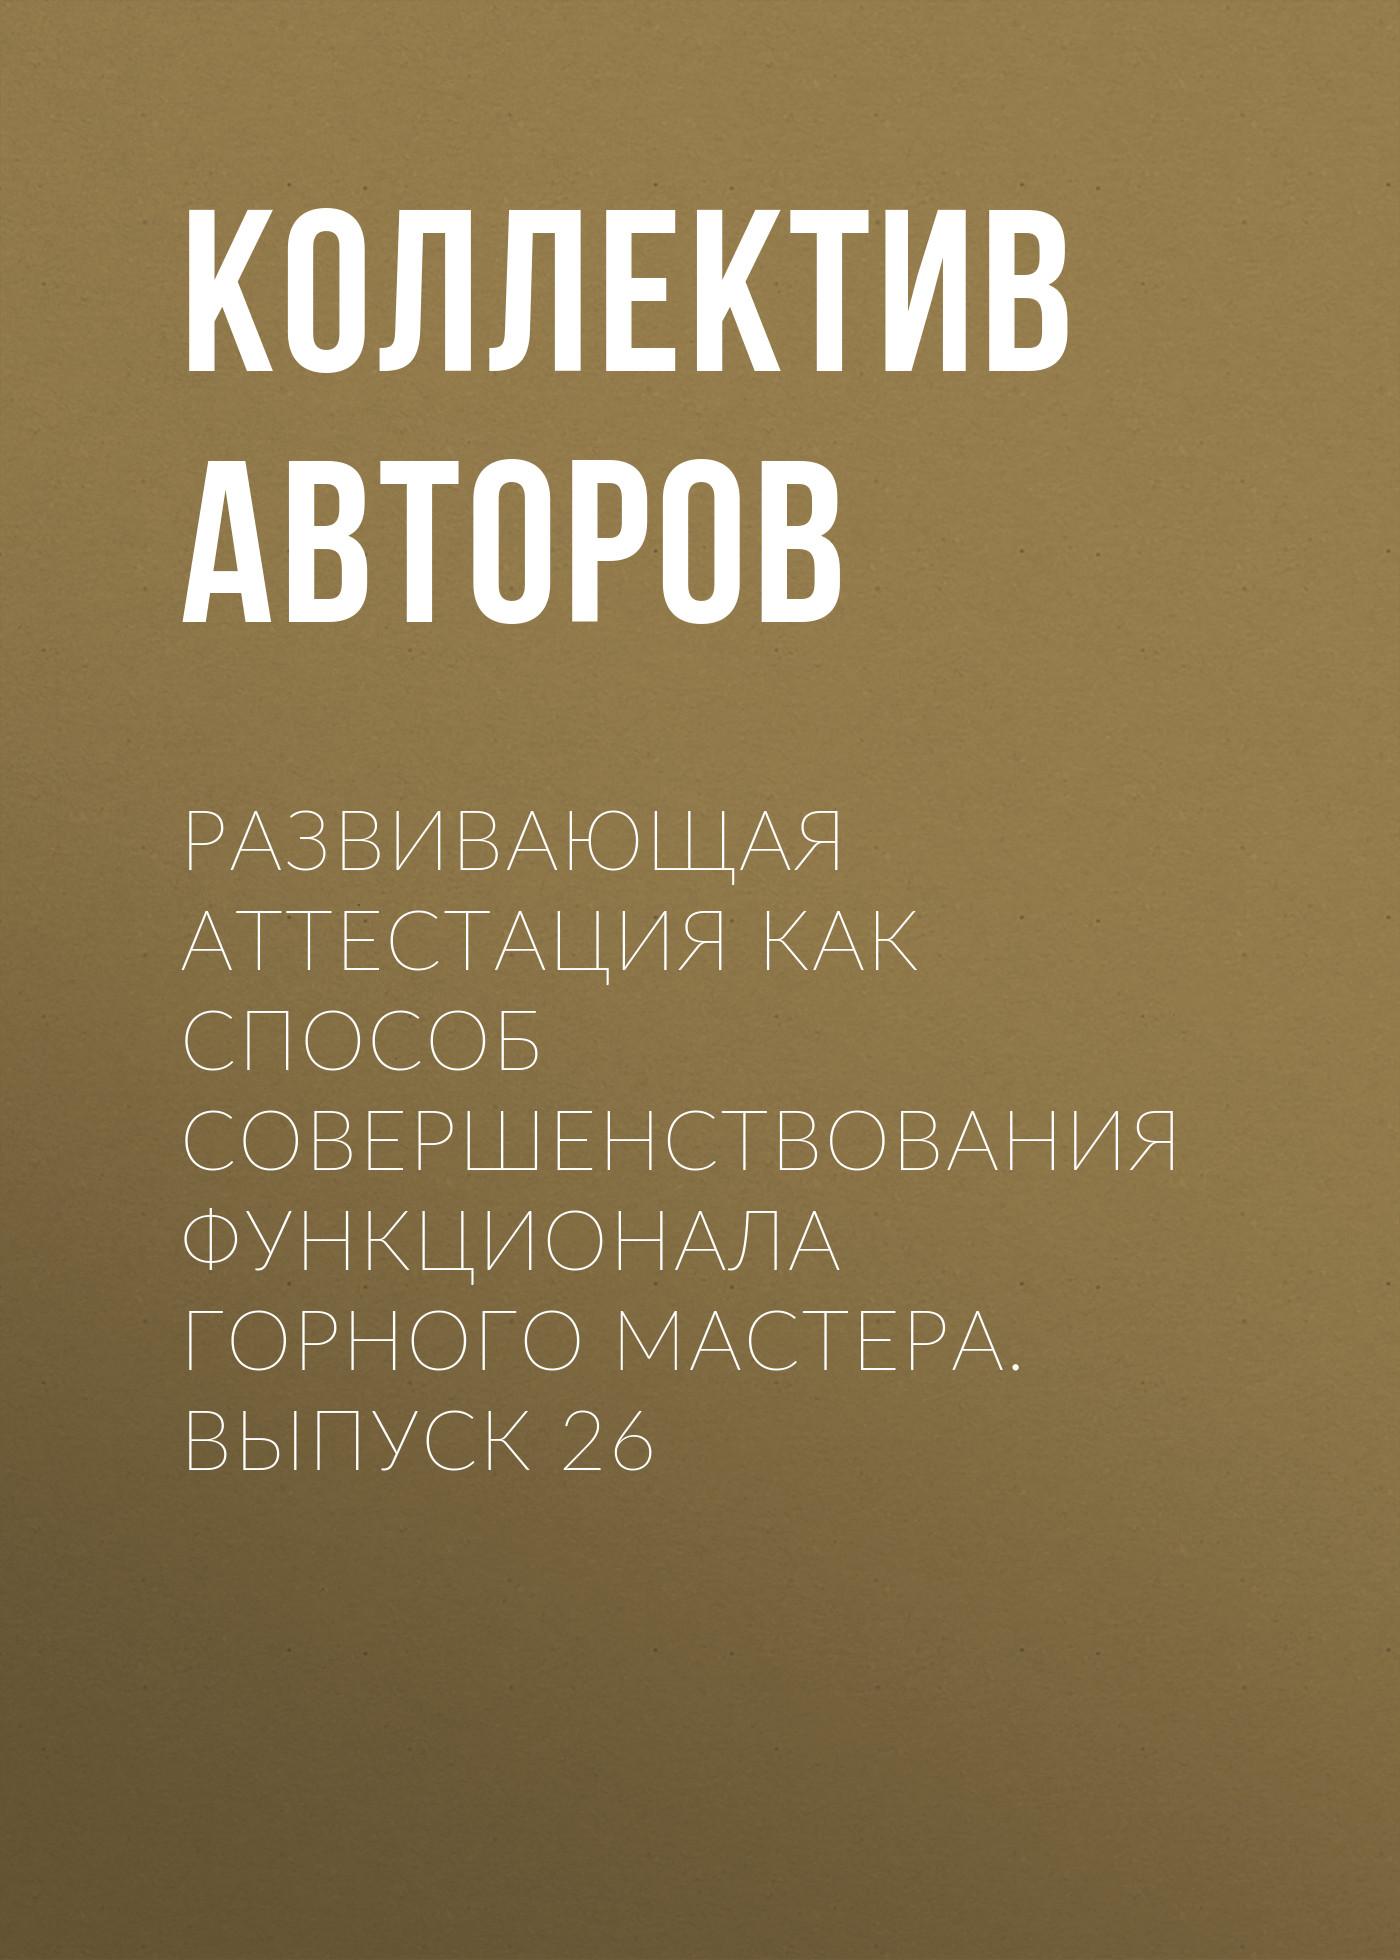 Коллекти аторо Разиающая аттестация как способ соершенстоания функционала горного мастера. ыпуск 26